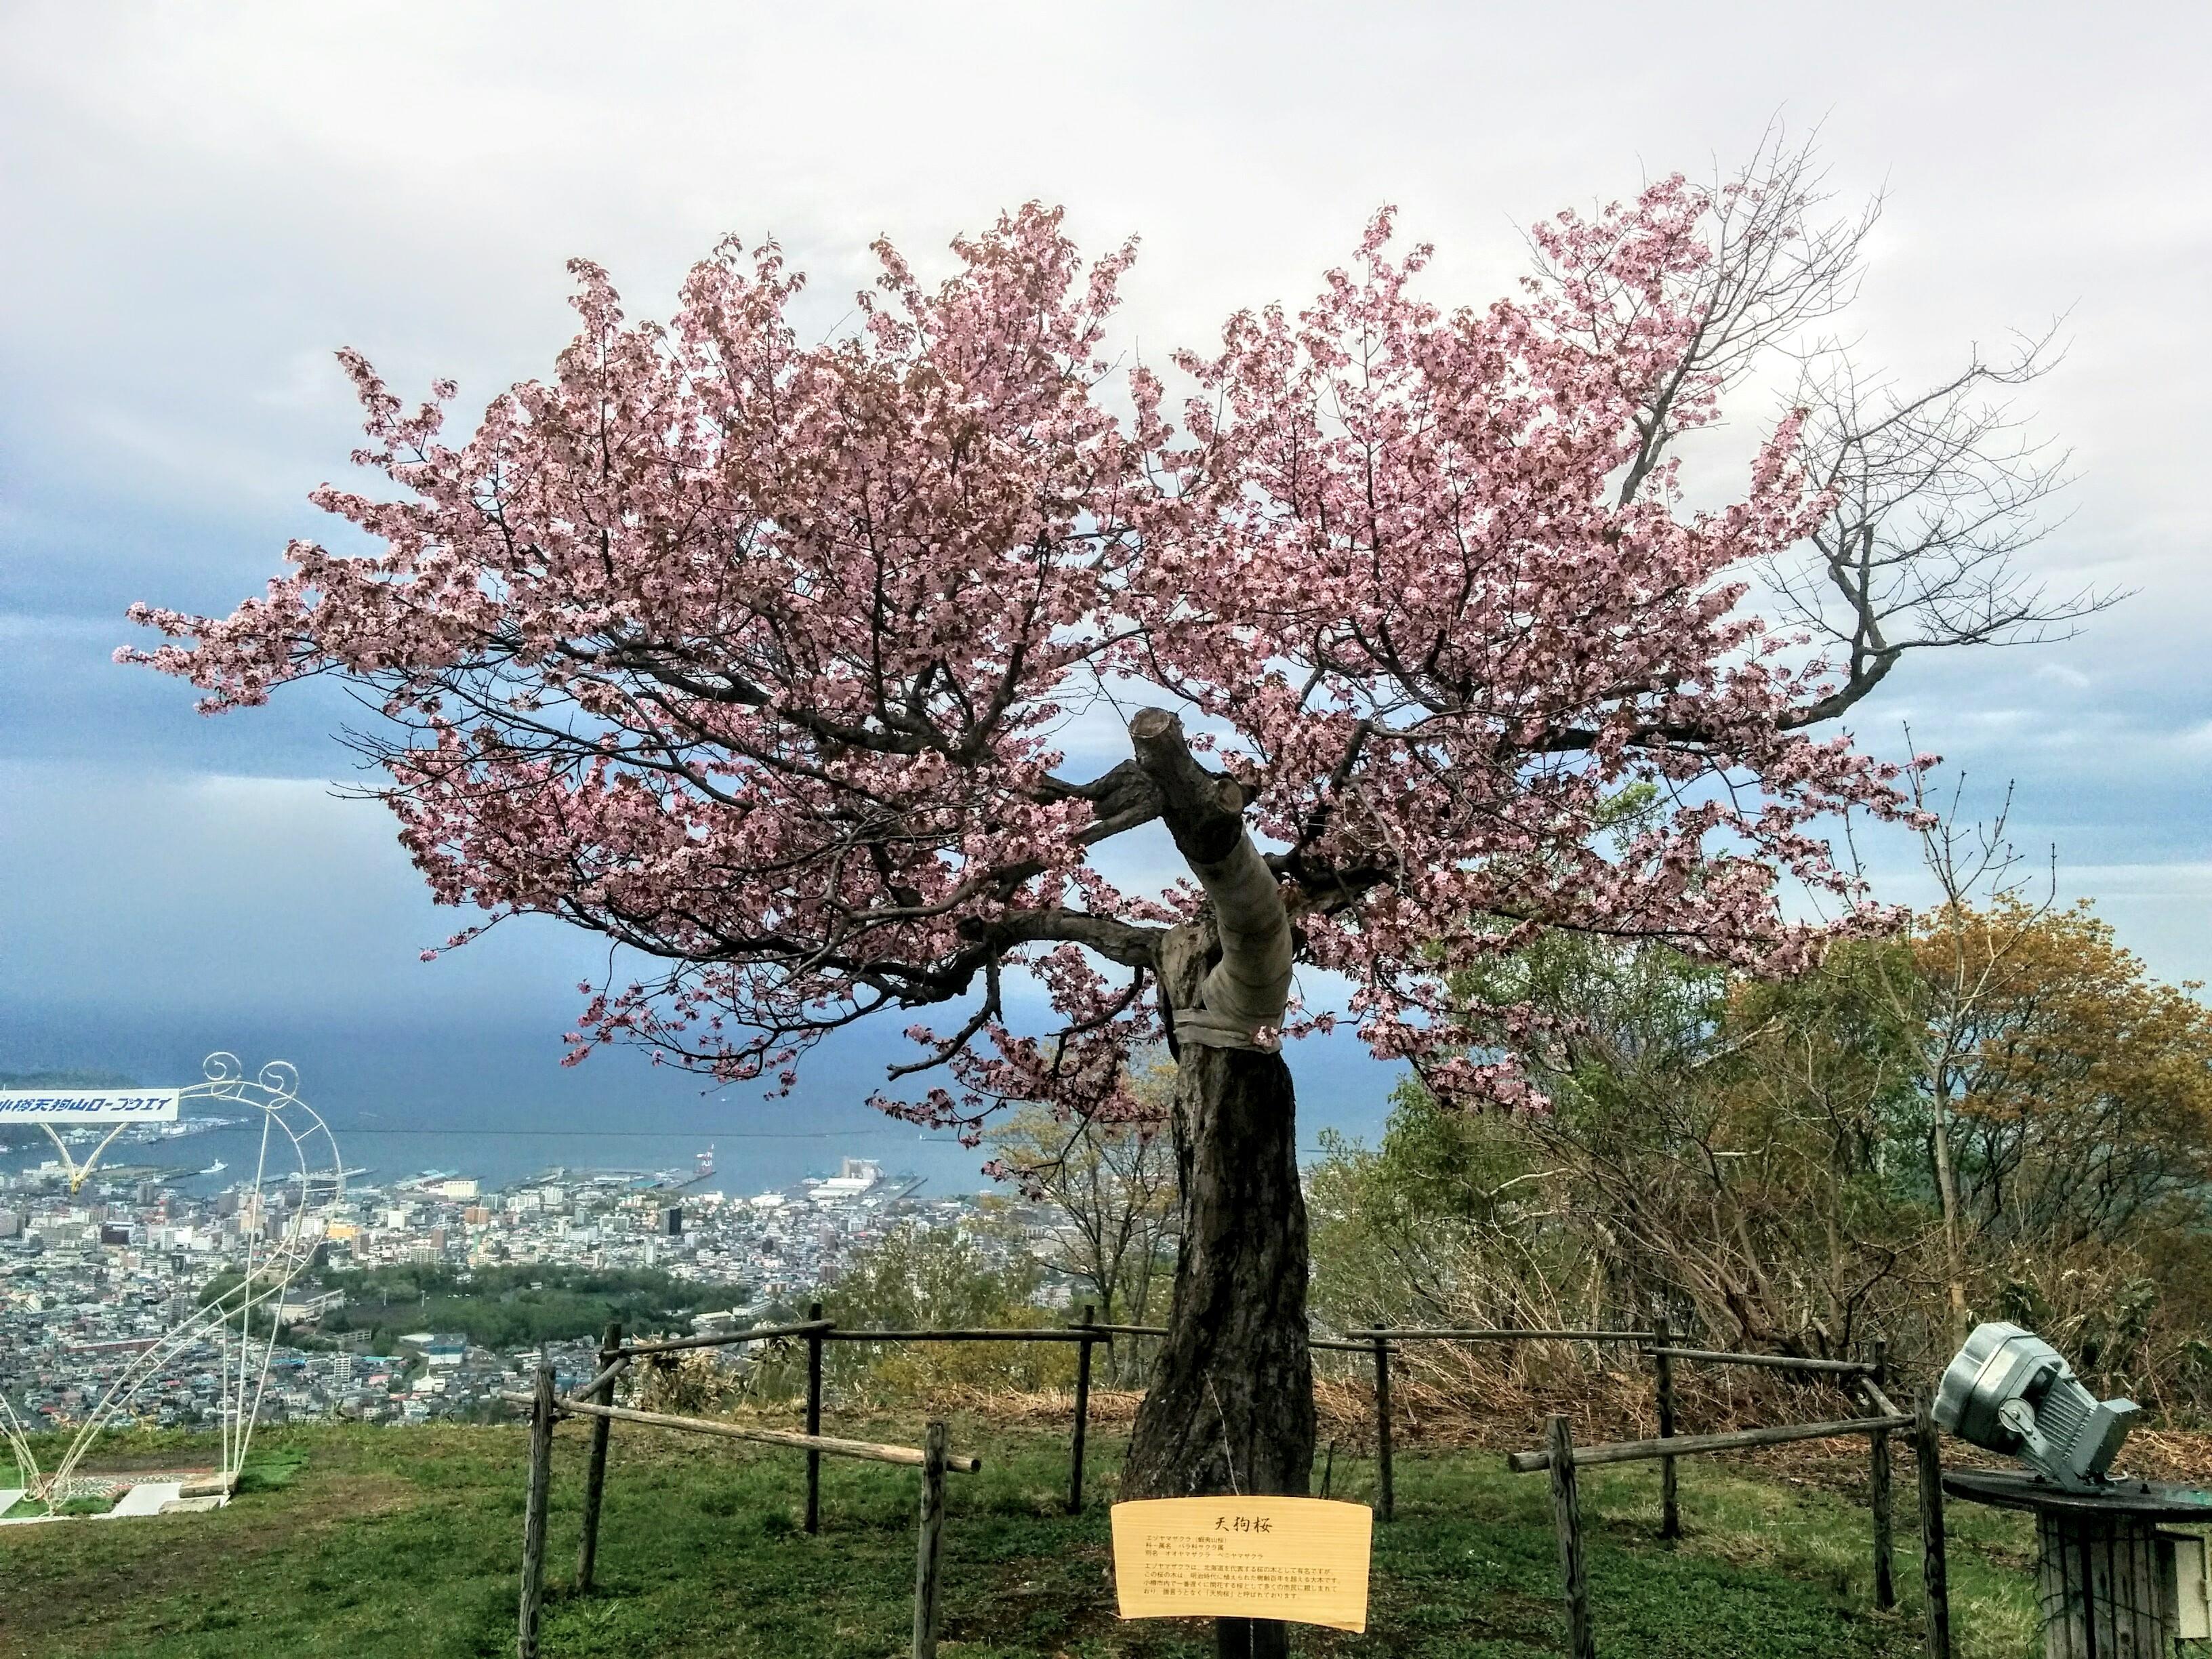 【小樽】天狗山・天狗桜が開花し見頃です。